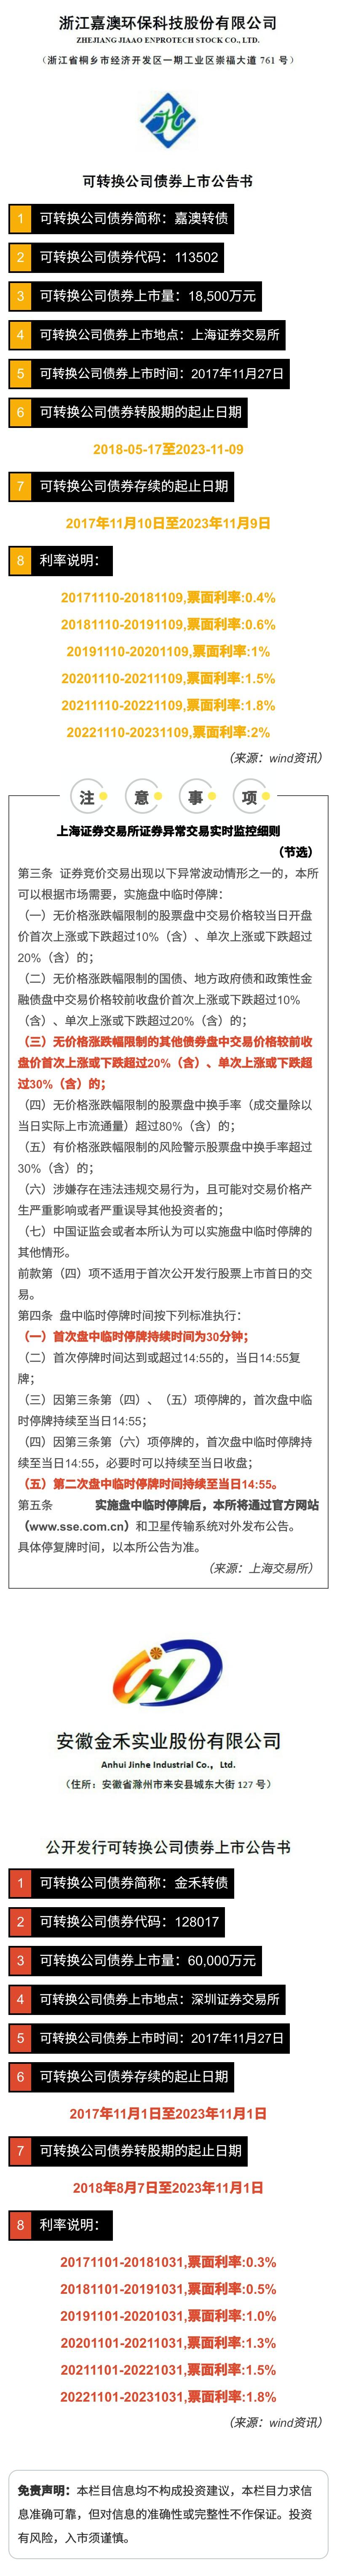 【新债上市】嘉澳转债、金禾转债上市公告.jpg